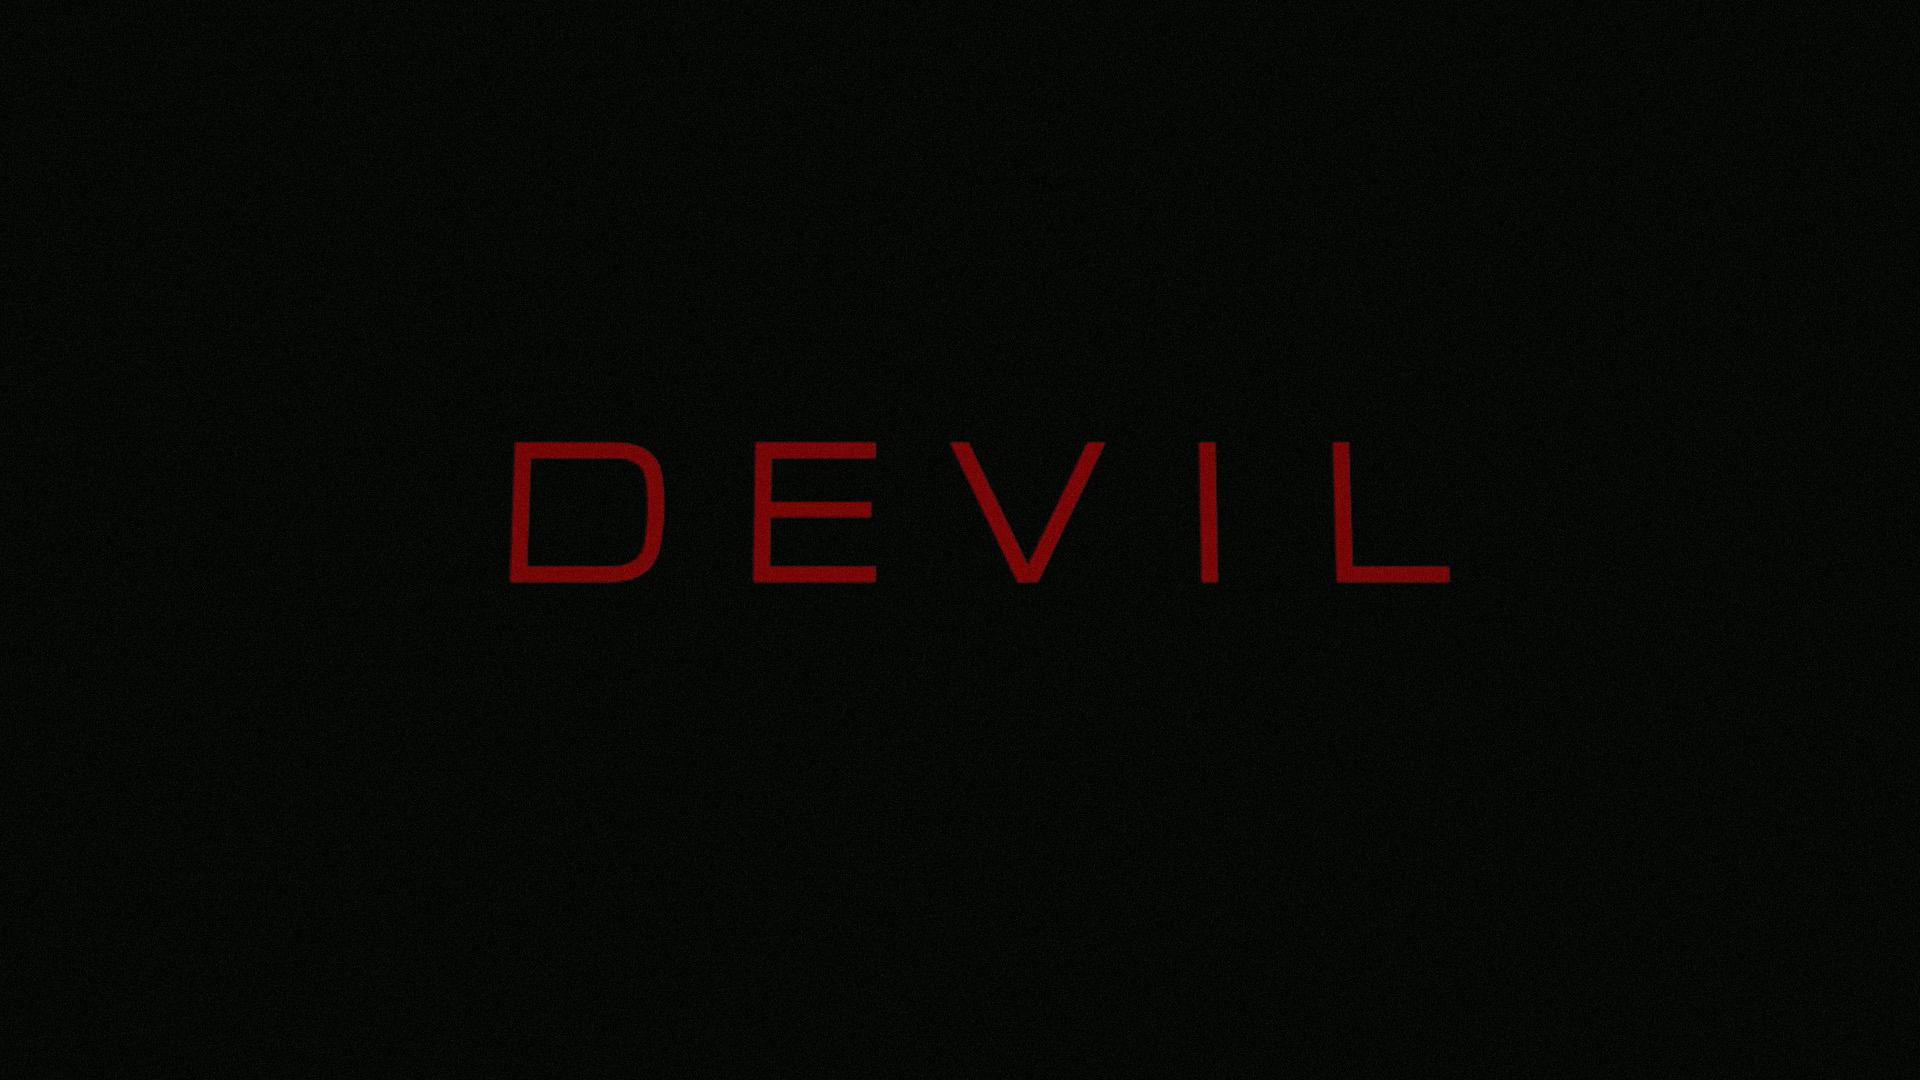 Devil Wallpapers Desktop Wallpapers 1920x1080